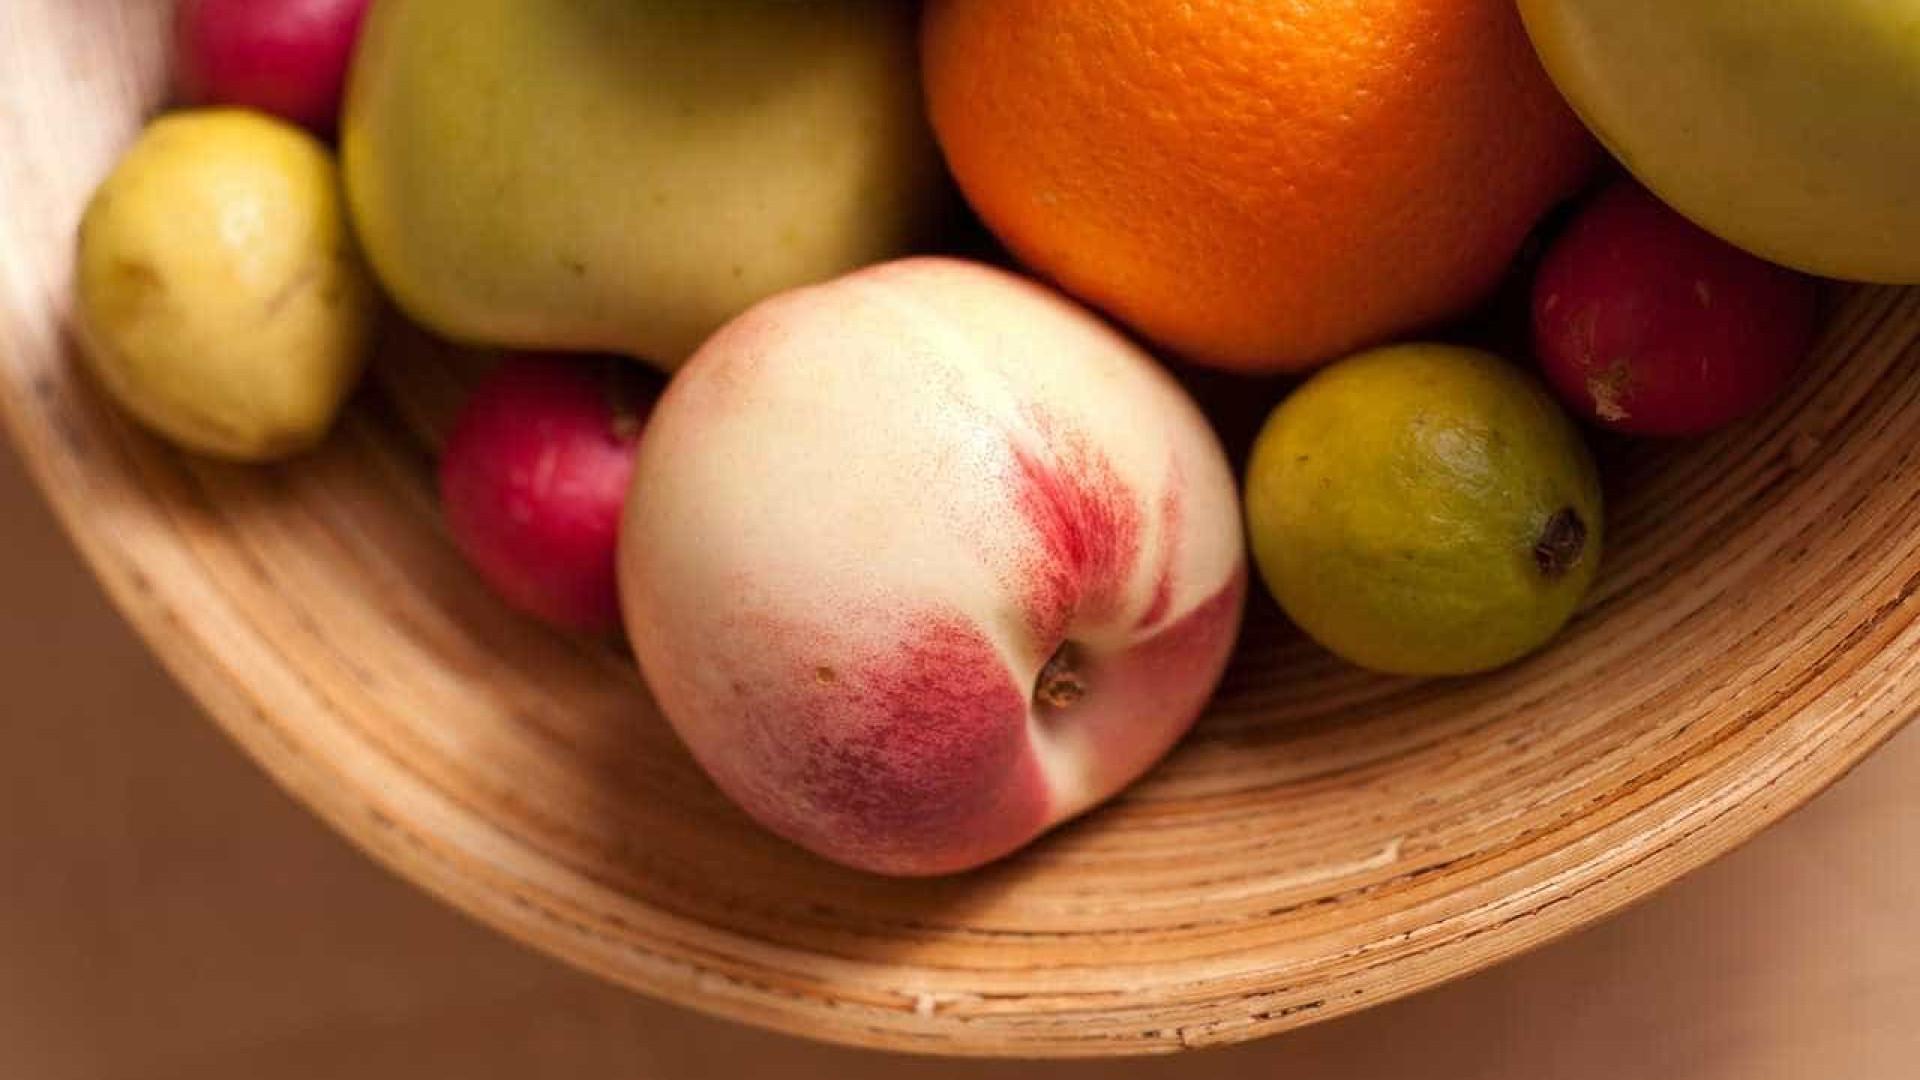 Cientistas desenvolvem sensores que identificam comida podre